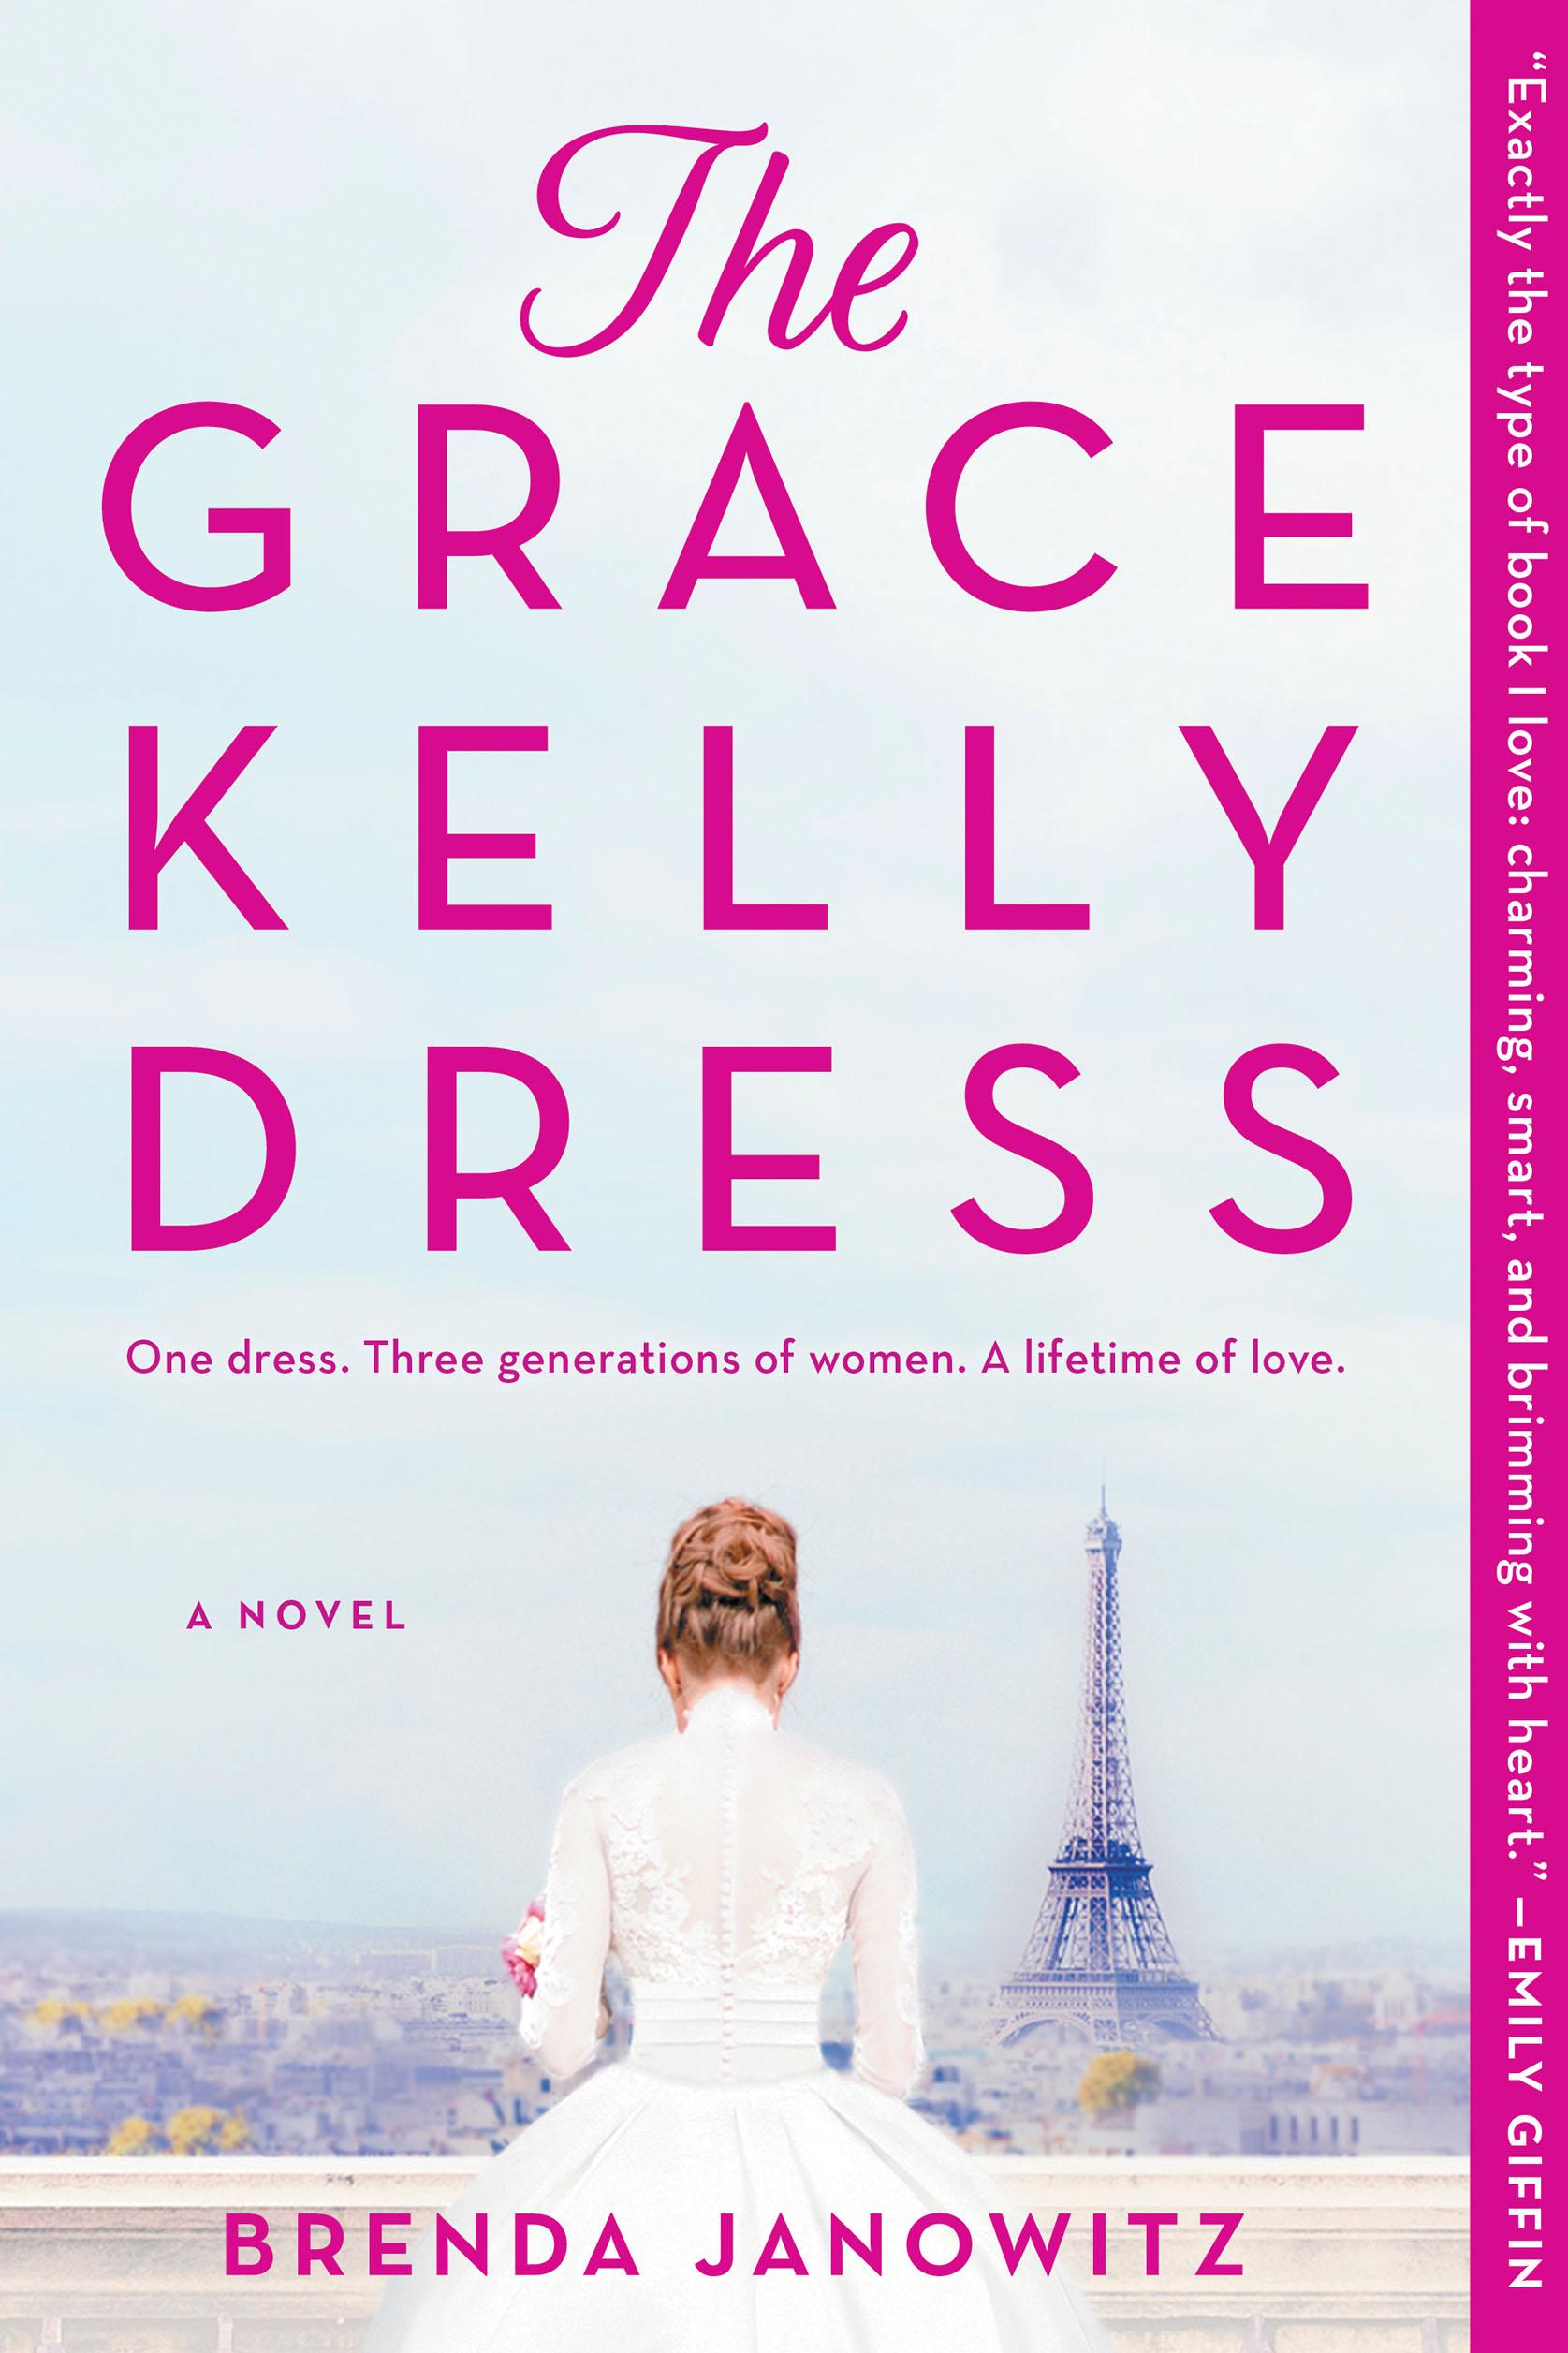 The Grace Kelly Dress A Novel